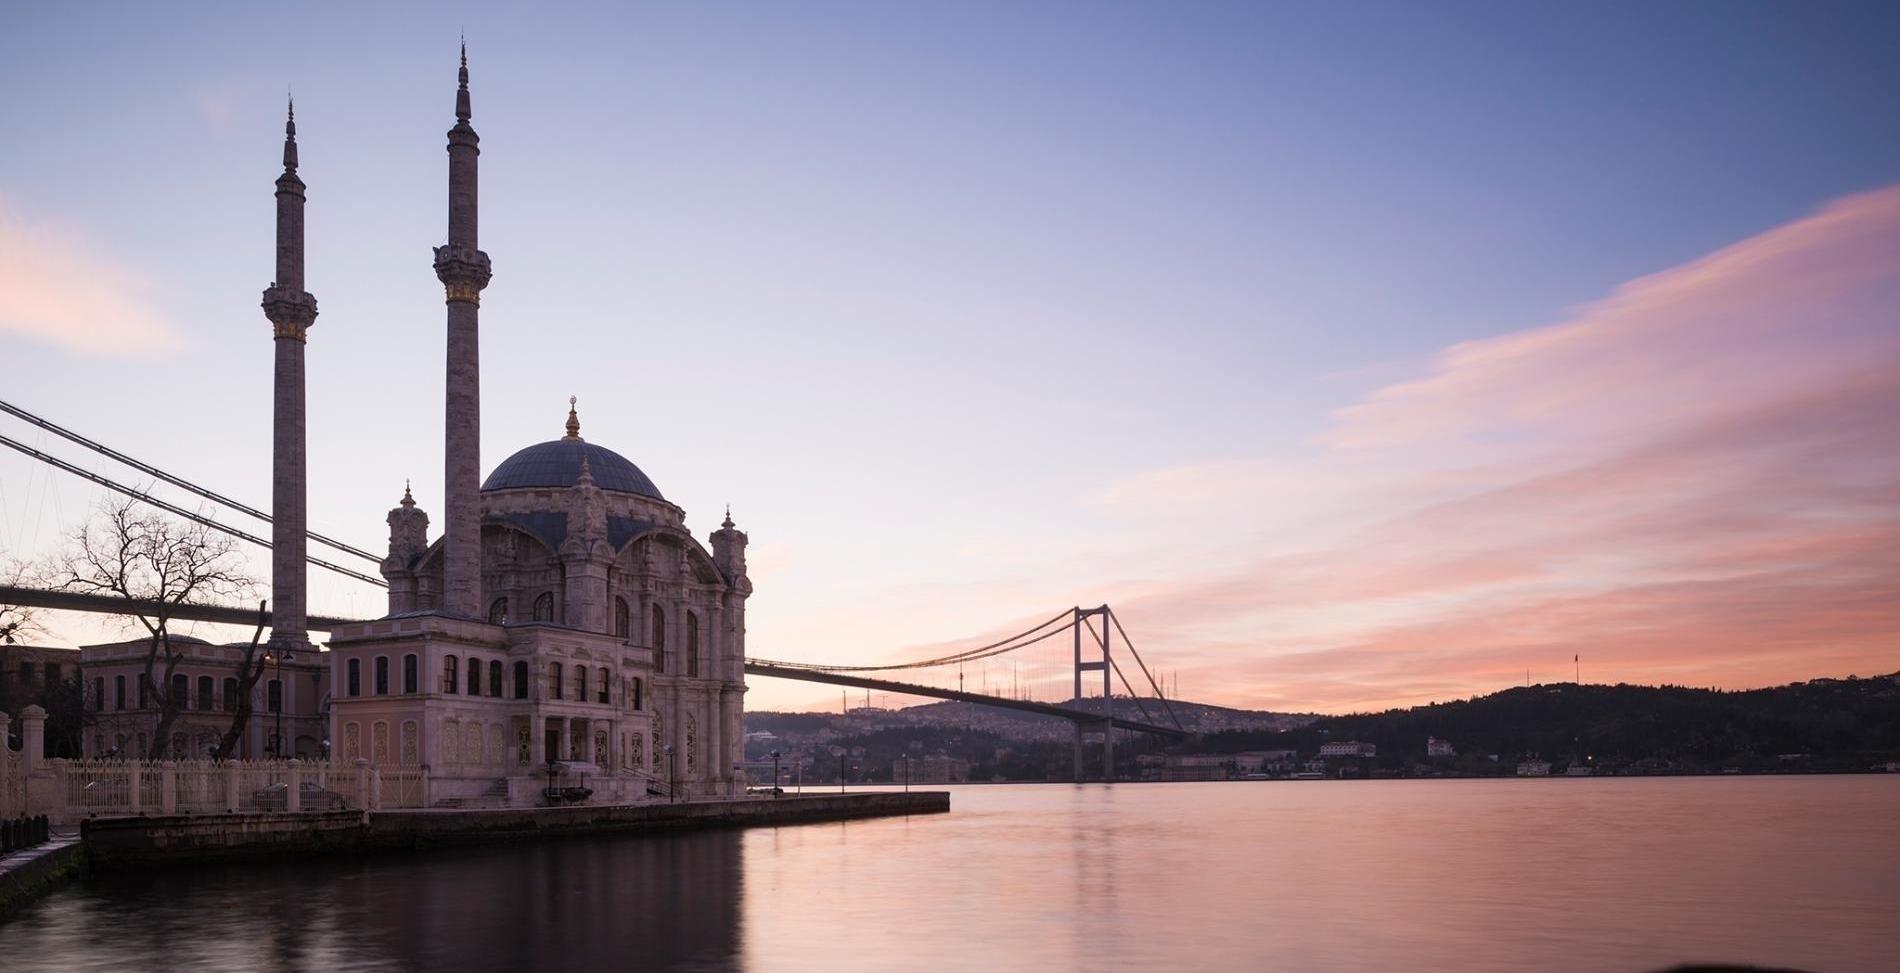 黎明為土耳其伊斯坦堡的奧塔科伊清真寺灑上玫瑰色的光輝。附近馬摩拉海裡的鑽孔,揭露了土耳其地底最新的緩慢滑移事件。PHOTOGRAPH BY ROBERT HARDING PICTURE LIBRARY